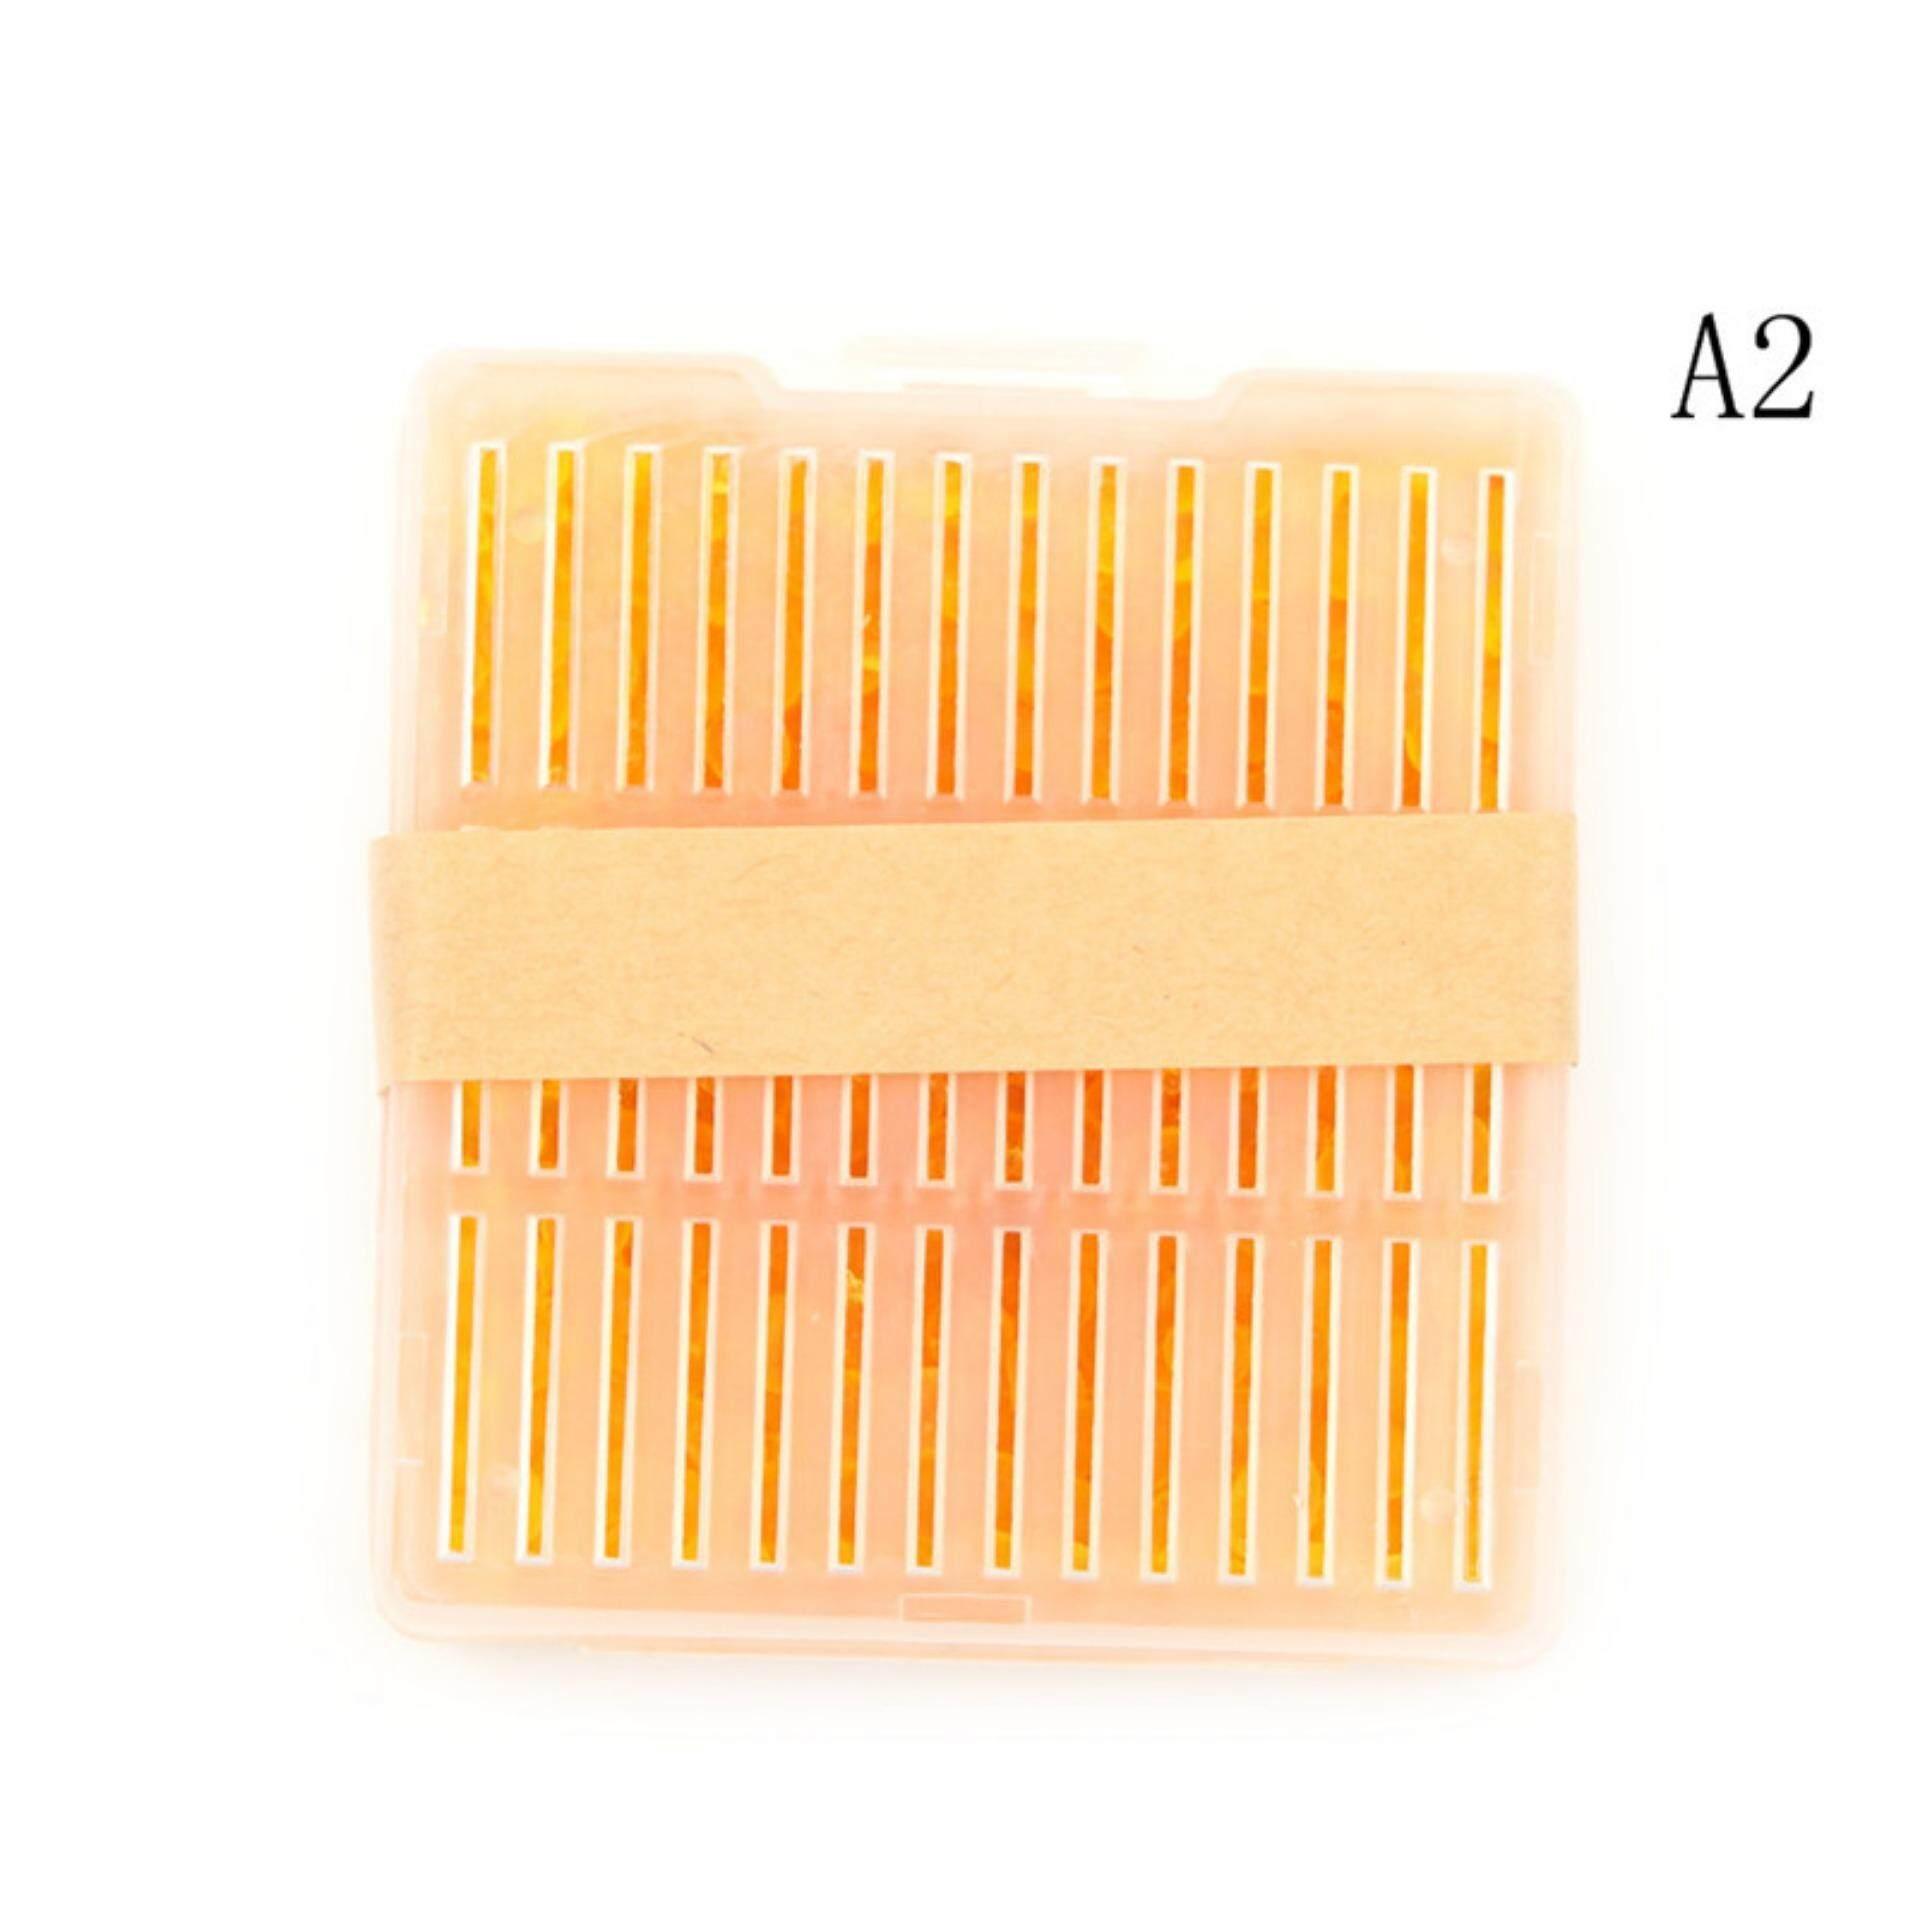 Reusable สารดูดความชื้นซิลิก้าเจลความชื้นความชื้นดูดซับ DryBox Camera อุปกรณ์เสริม